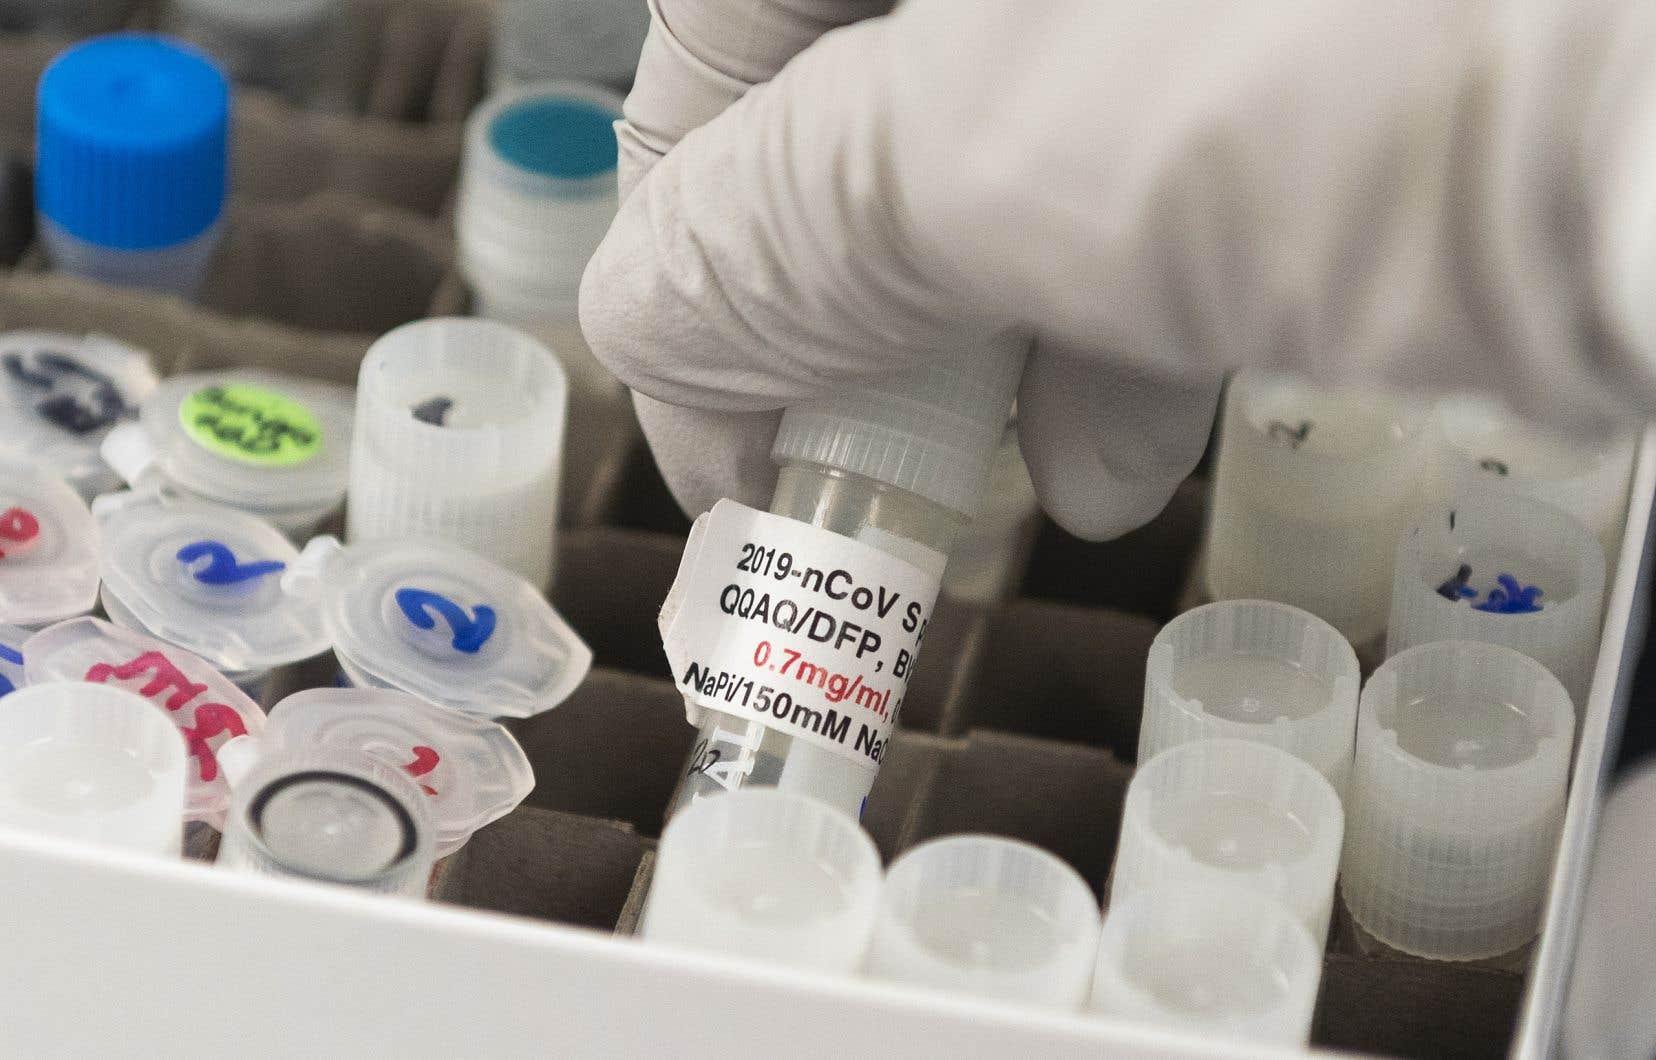 Sanofi a prévenuqu'il réserverait probablement aux États-Unis la primeur d'un éventuel vaccin contre le nouveau coronavirus, car les autorités américaines ont investi dans son développement.